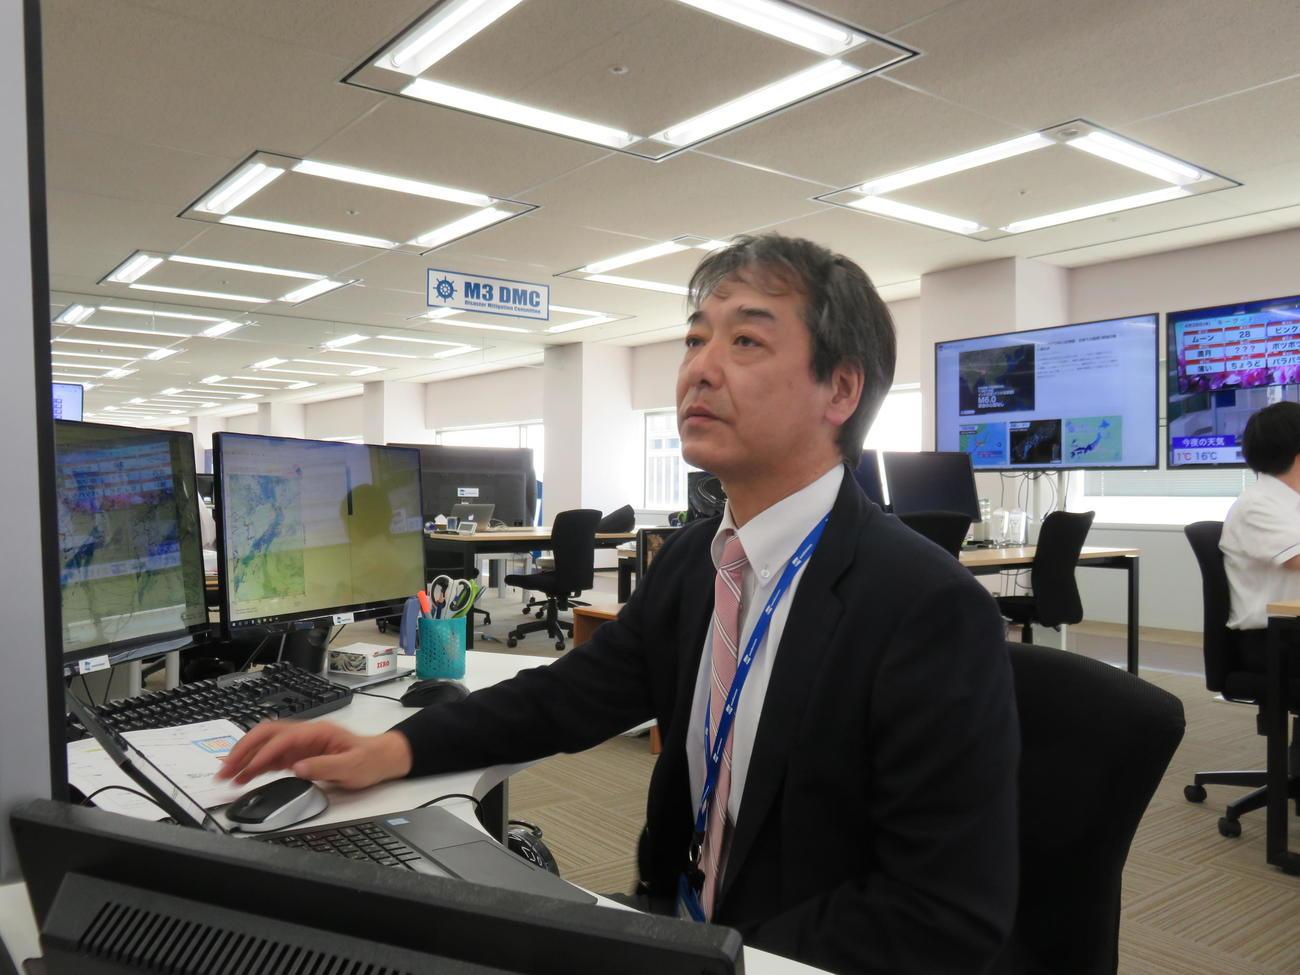 ウエザーニューズ社で気象解説員を務める気象予報士の宇野沢達也氏